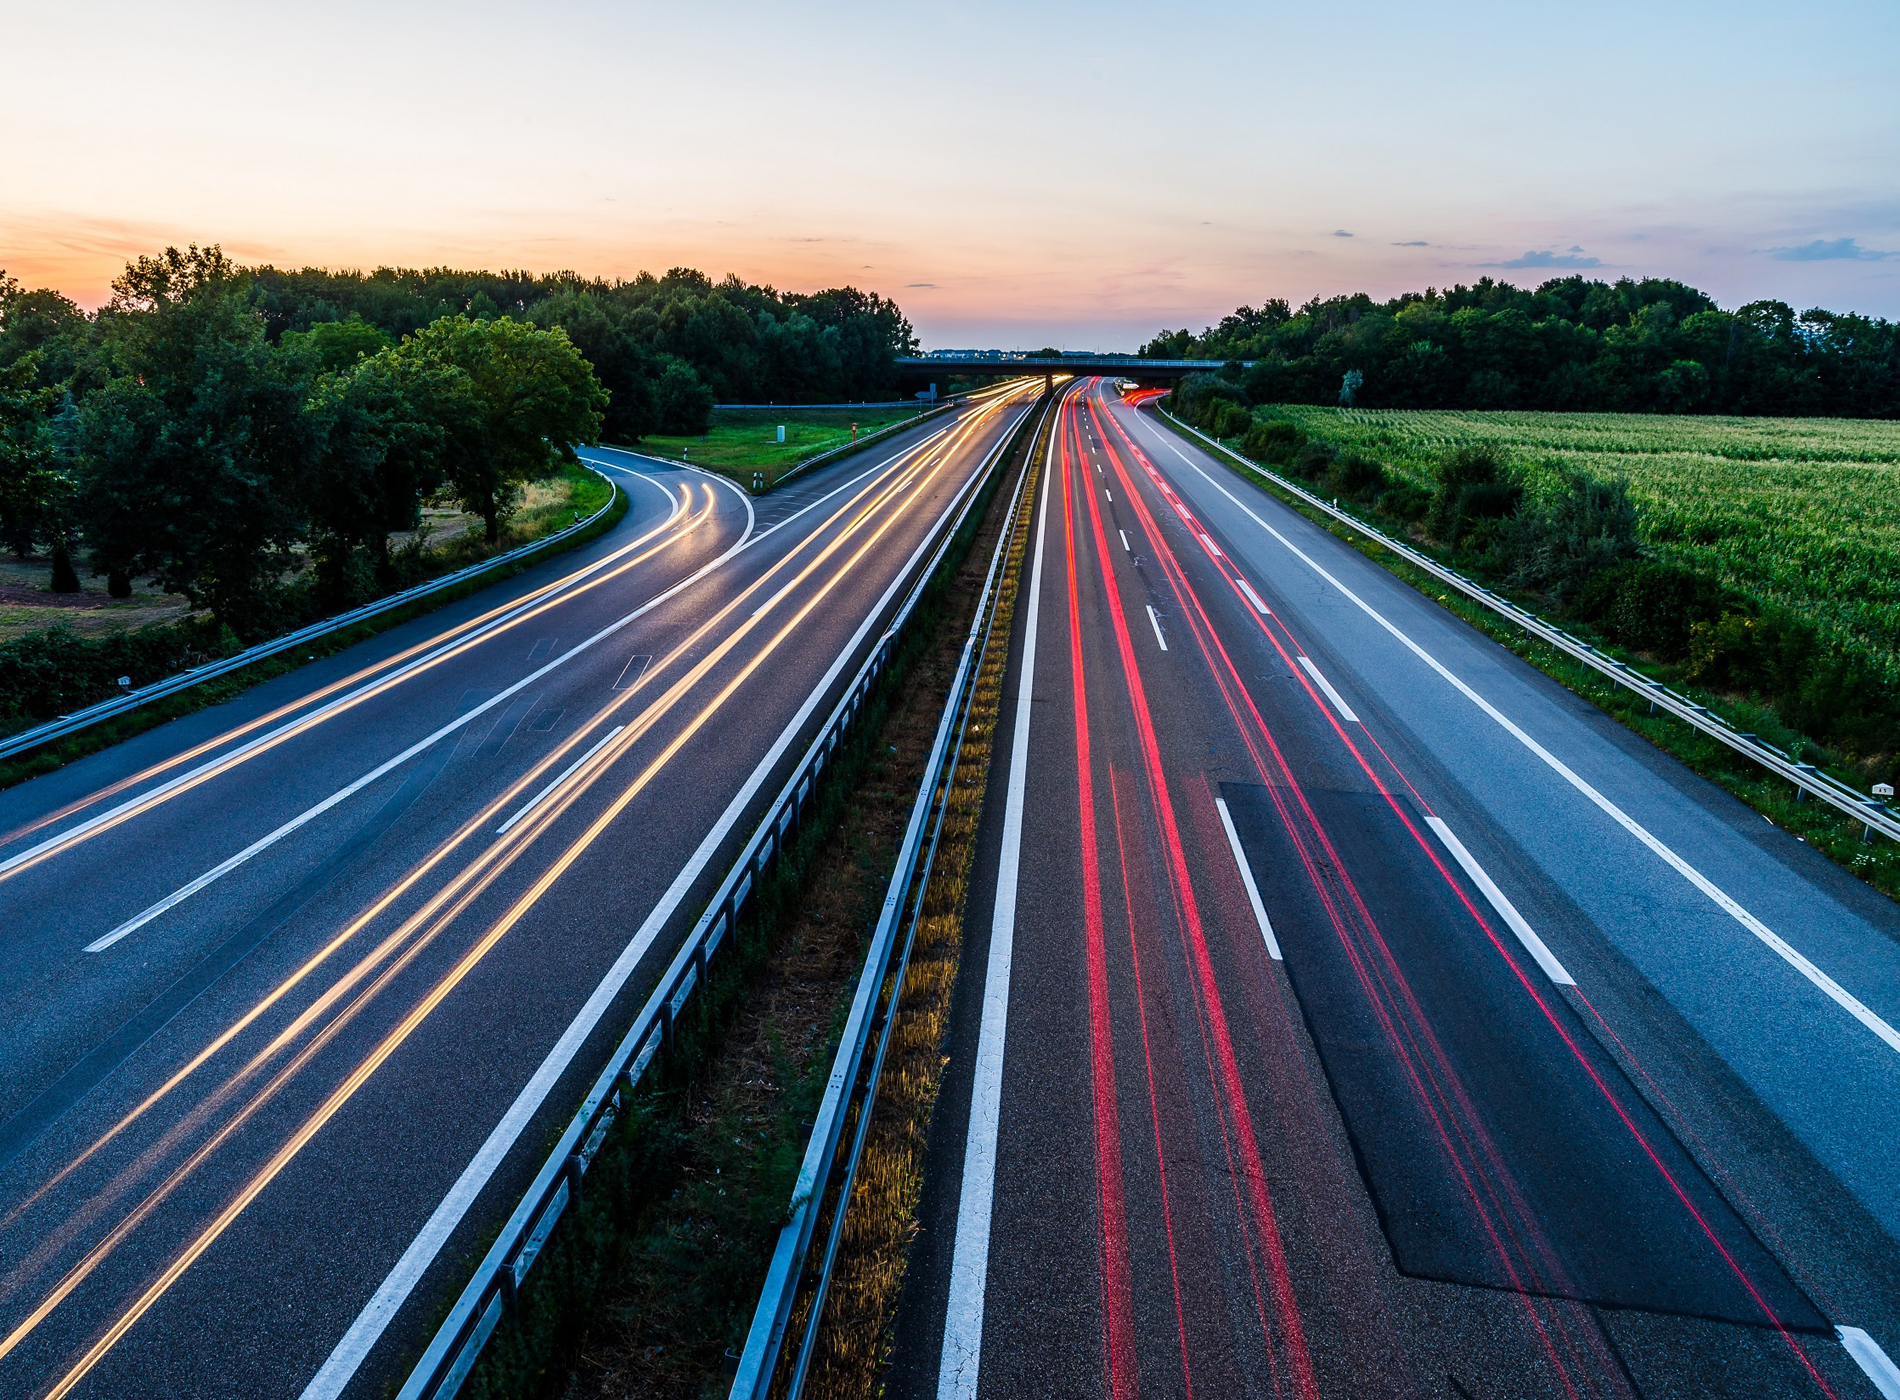 Fahren auf der Autobahn_Autonomes Fahren